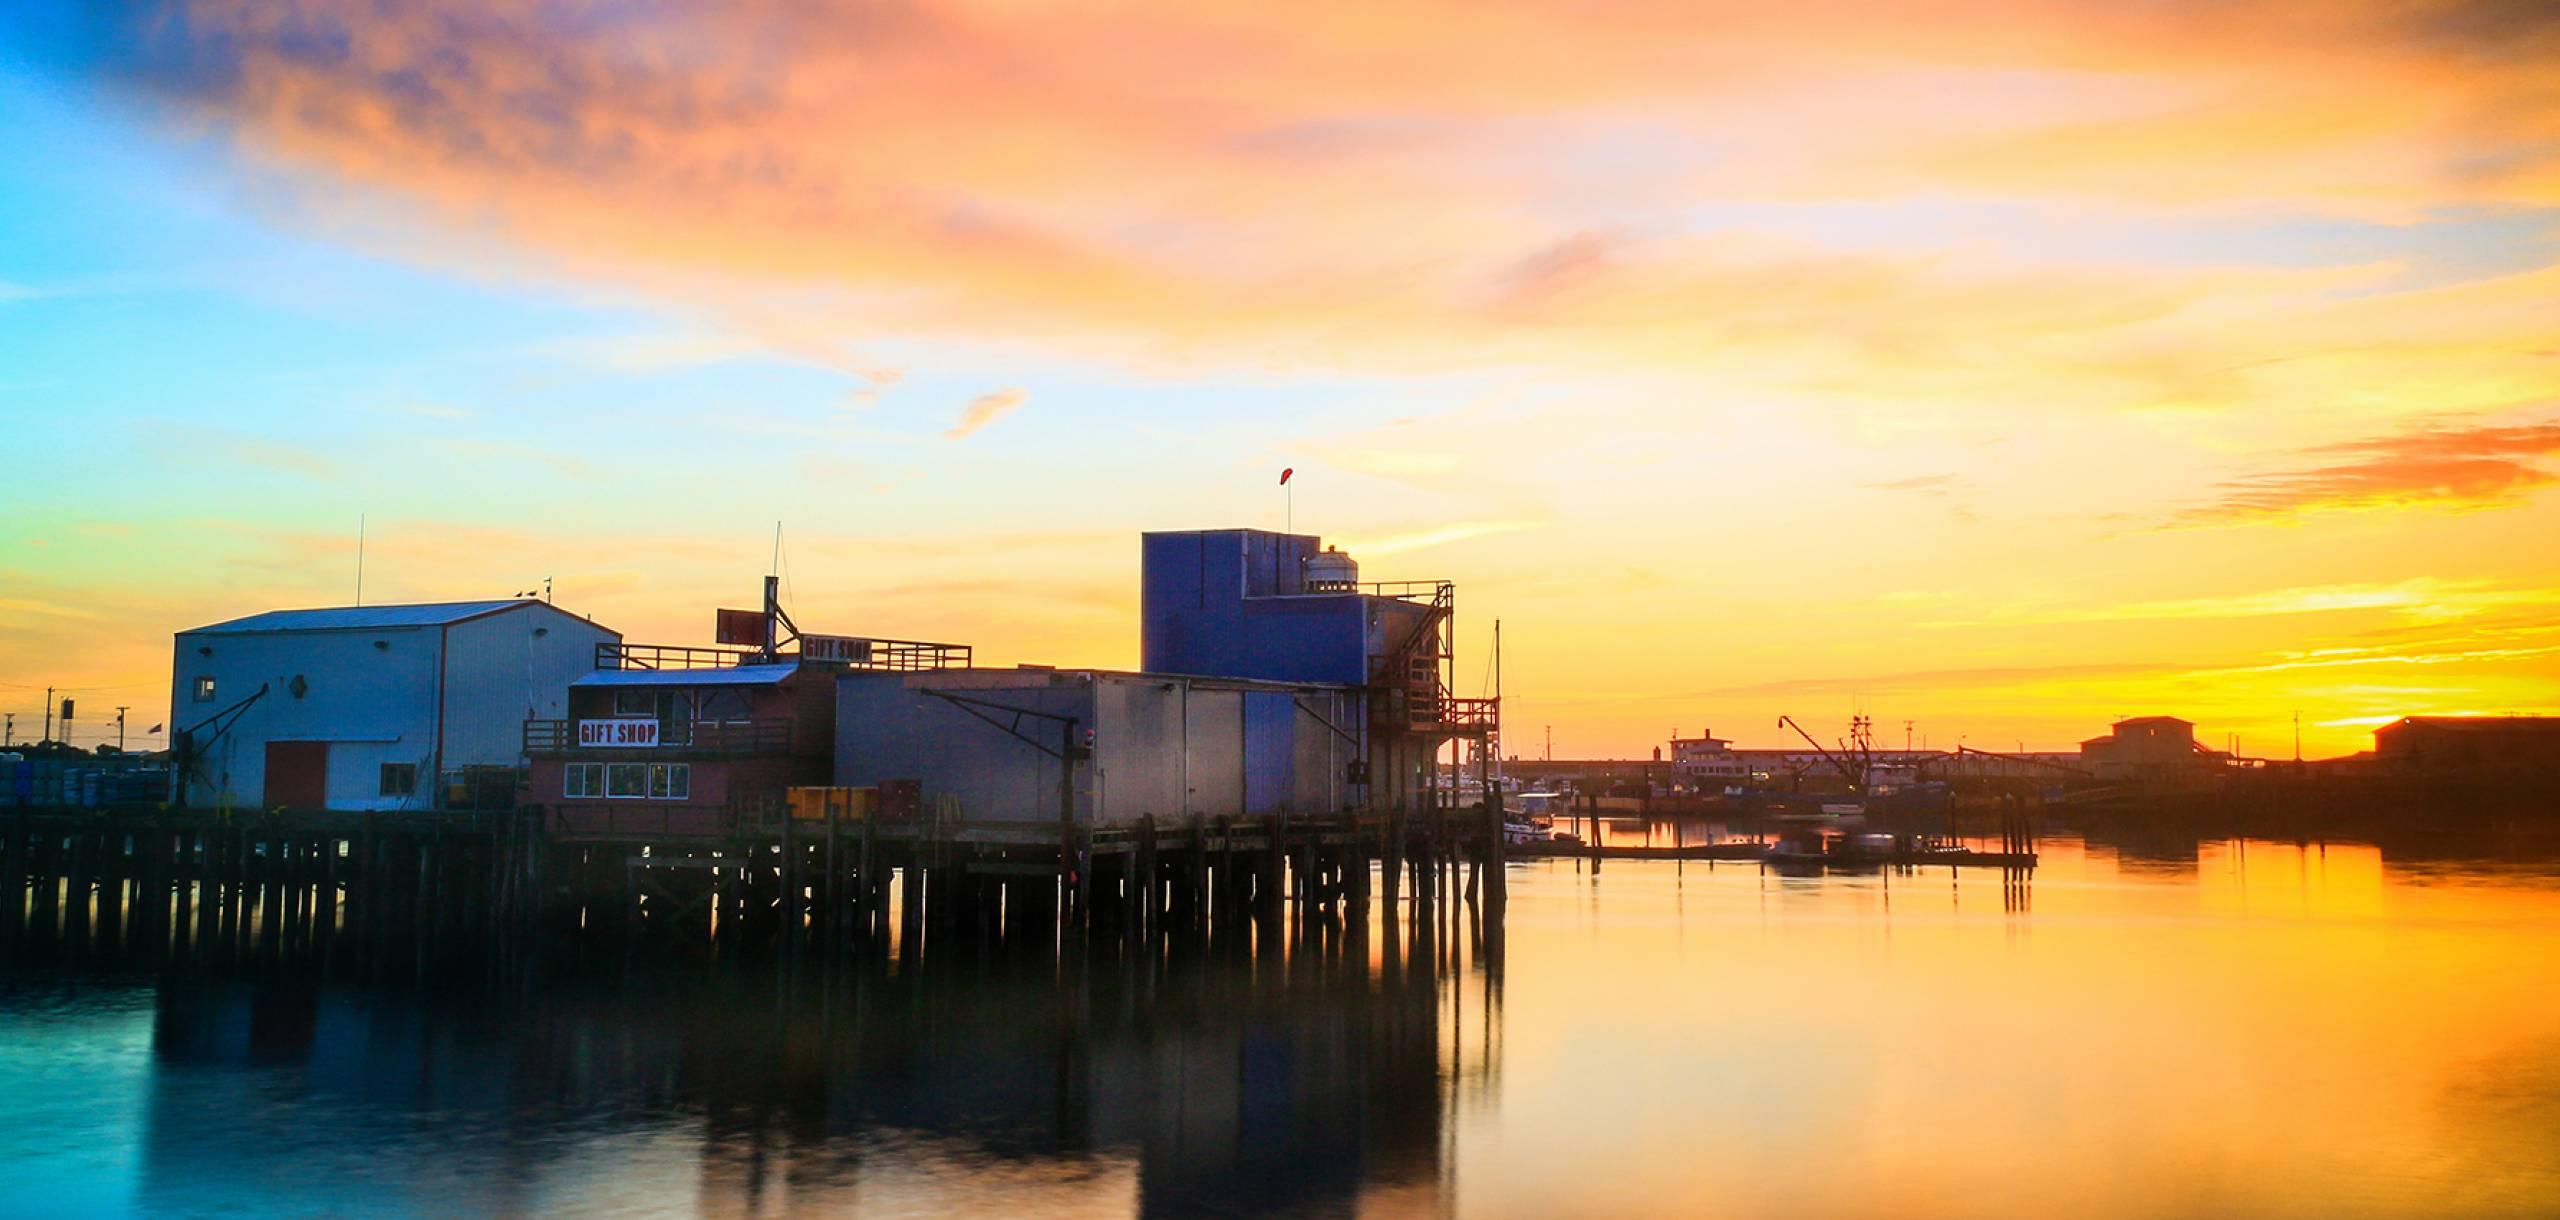 Marina in Westport, Washington